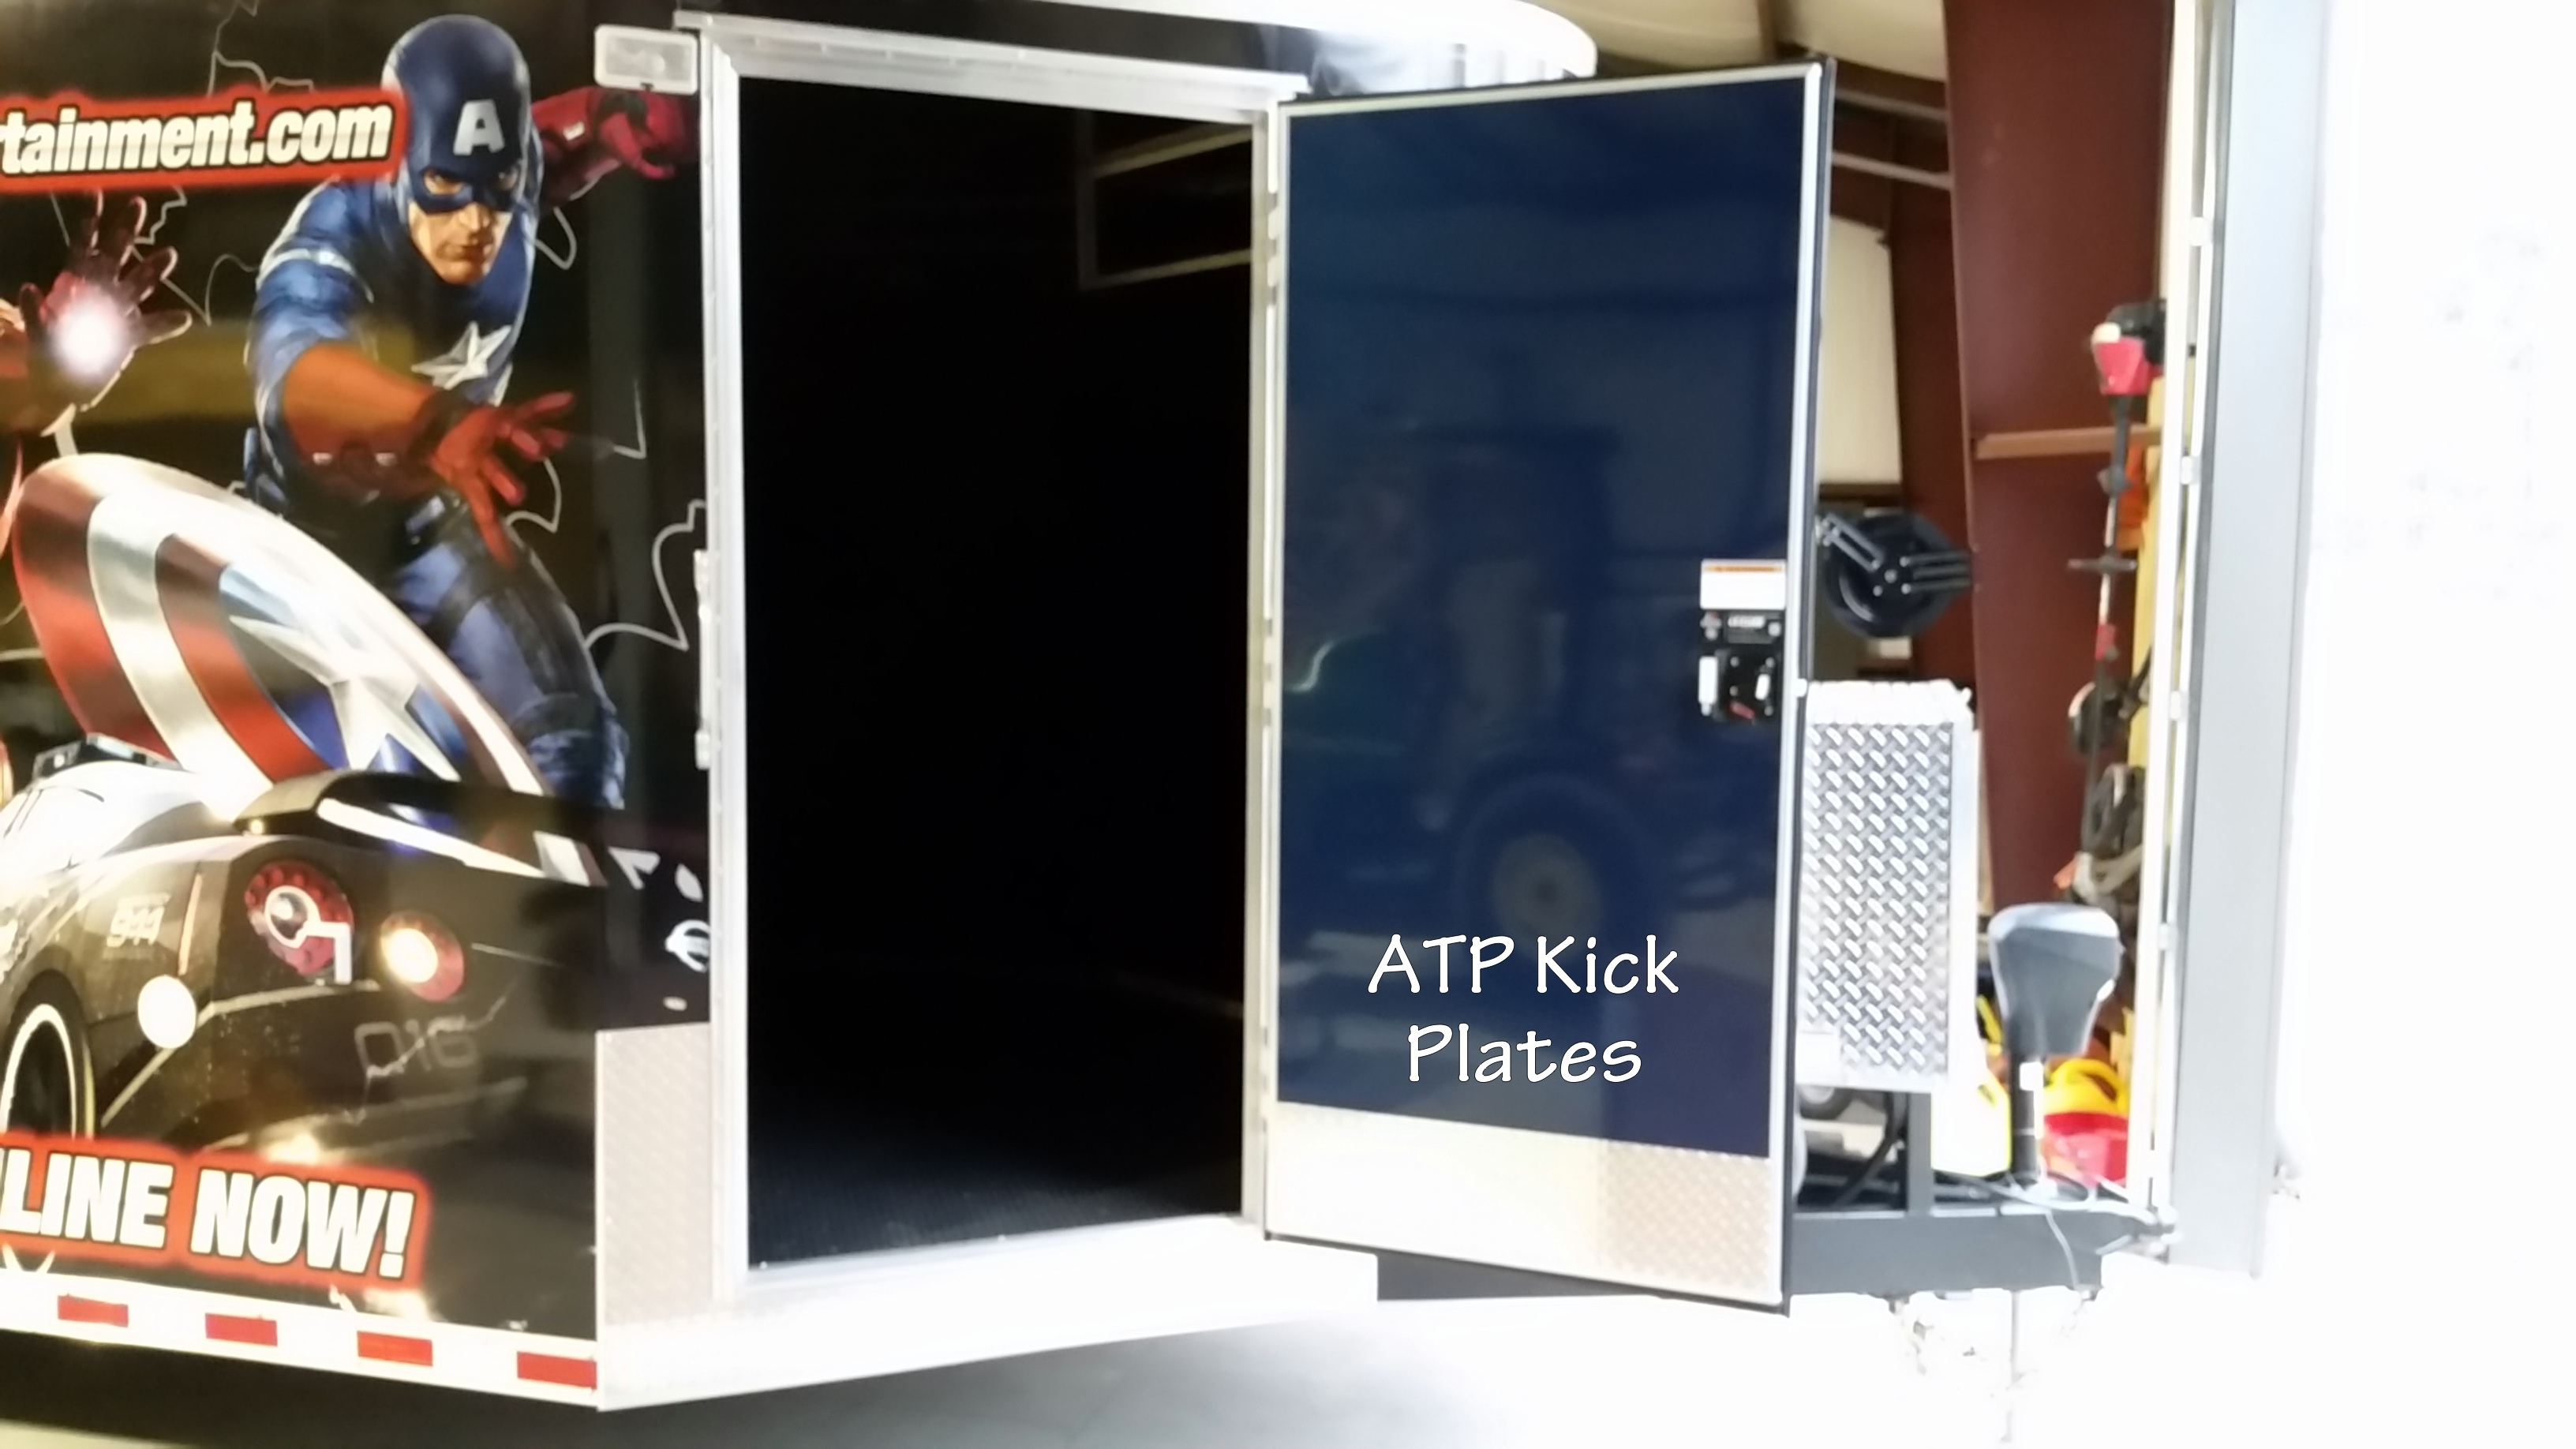 ATP kick plates